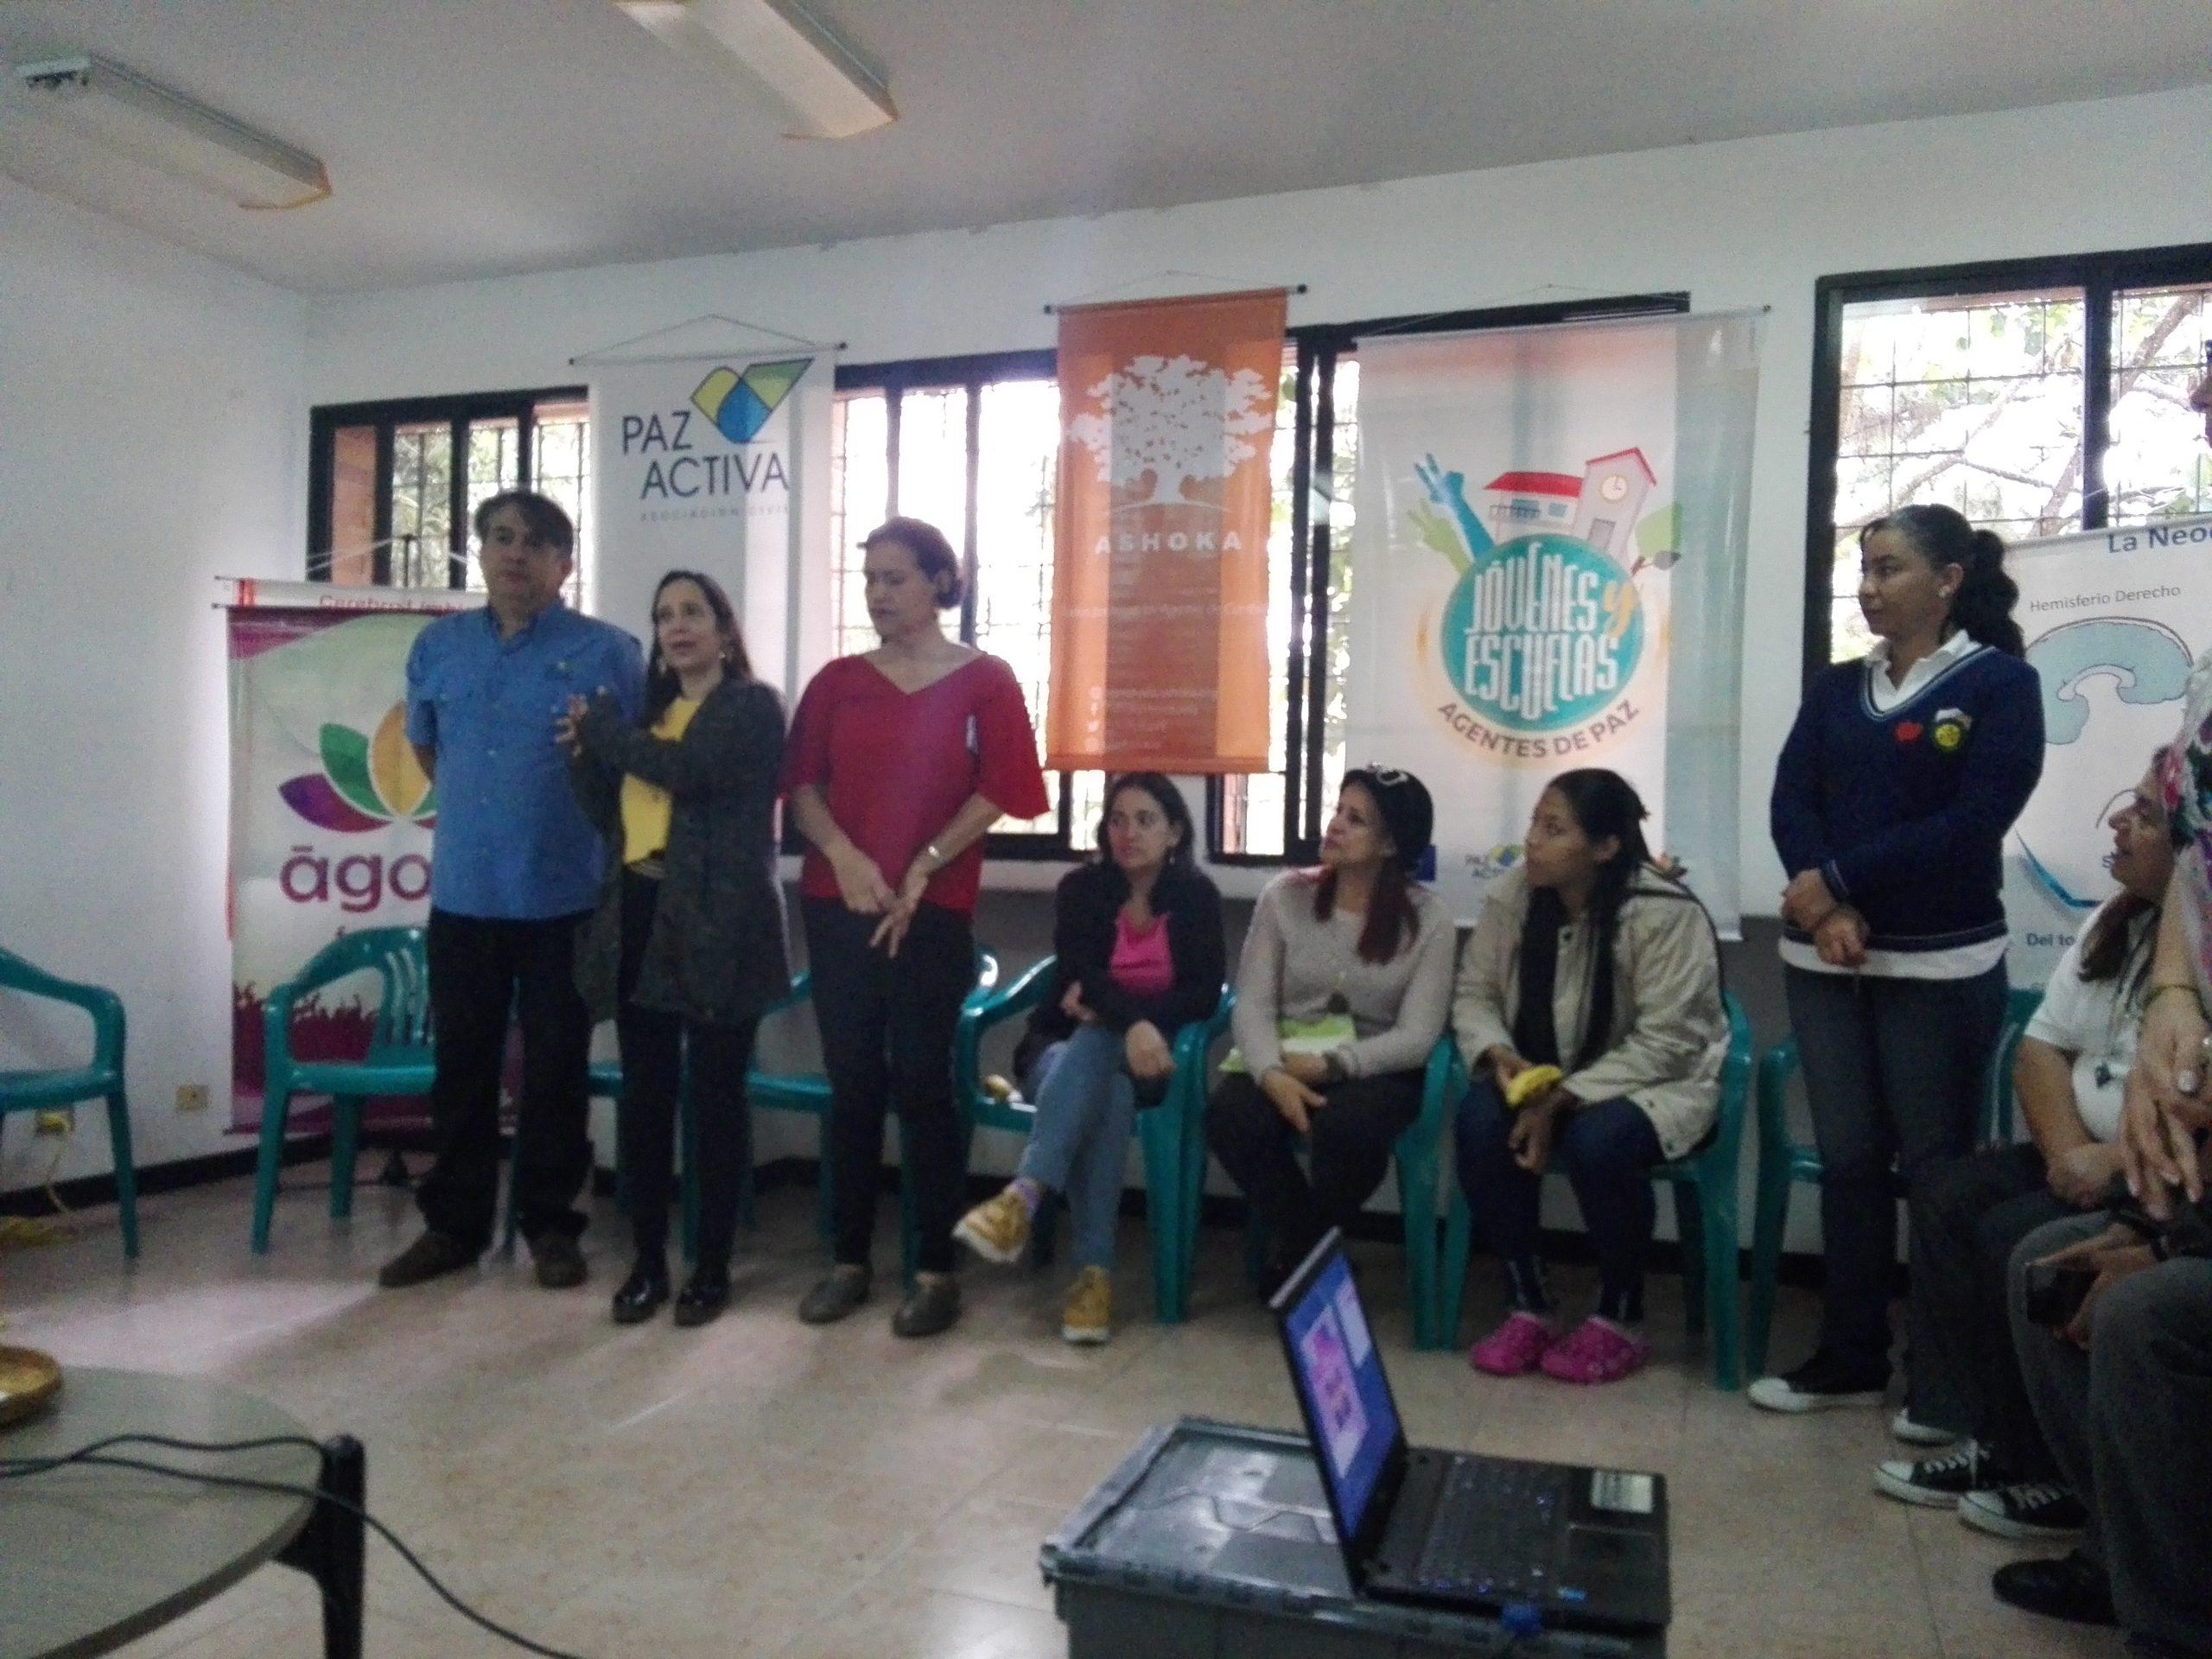 Paz Activa Inició Talleres Sobre «Empatía Y Prevención De Violencia»